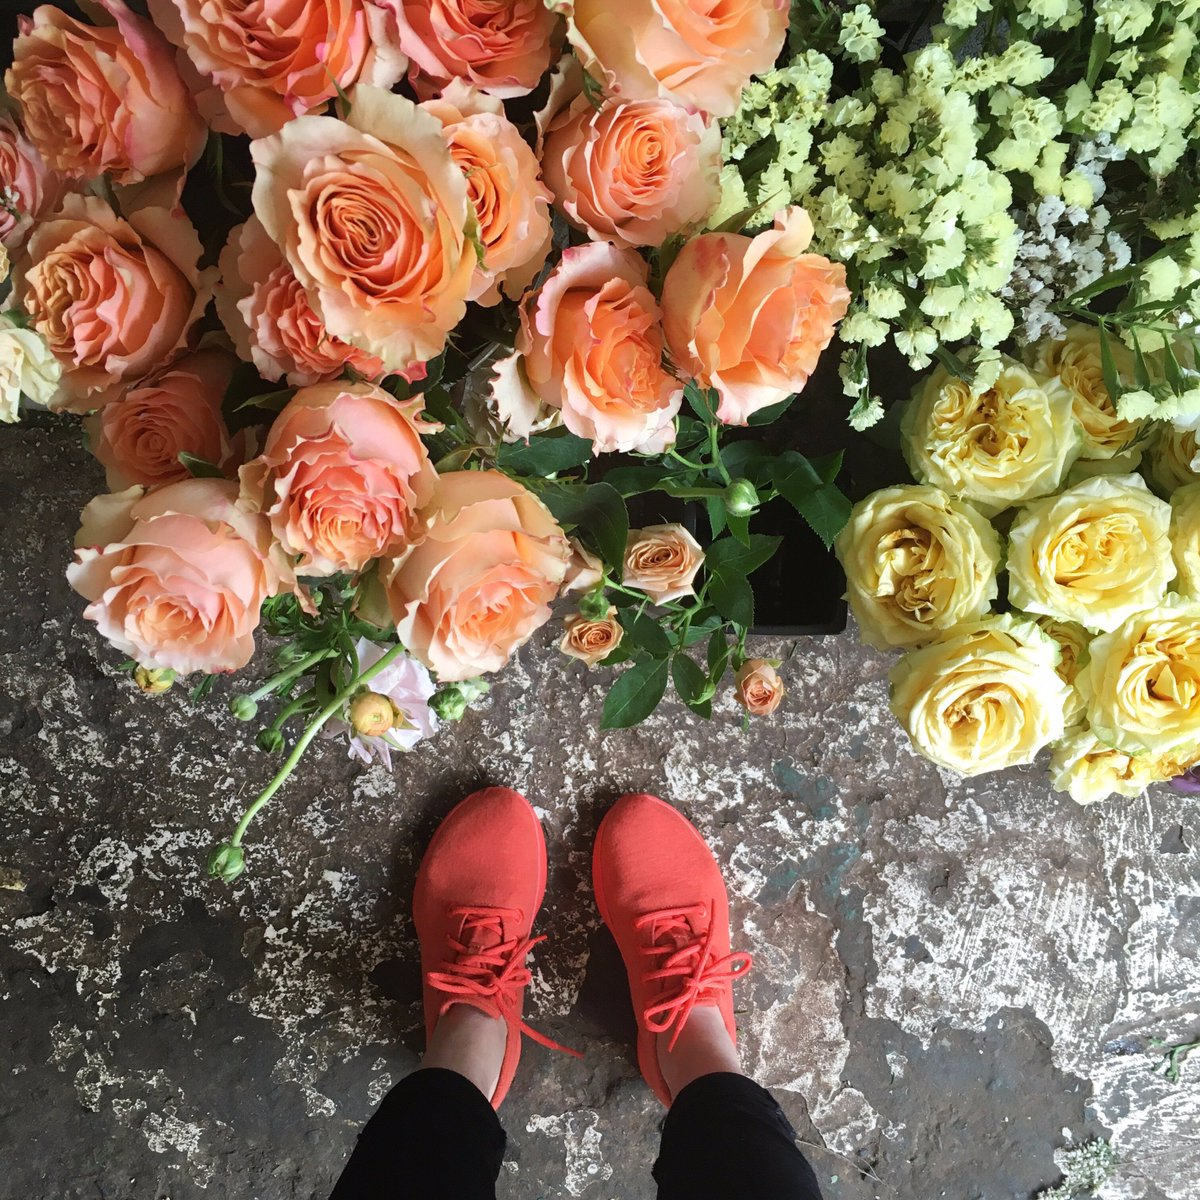 Kea Red color. #weareallbirds https